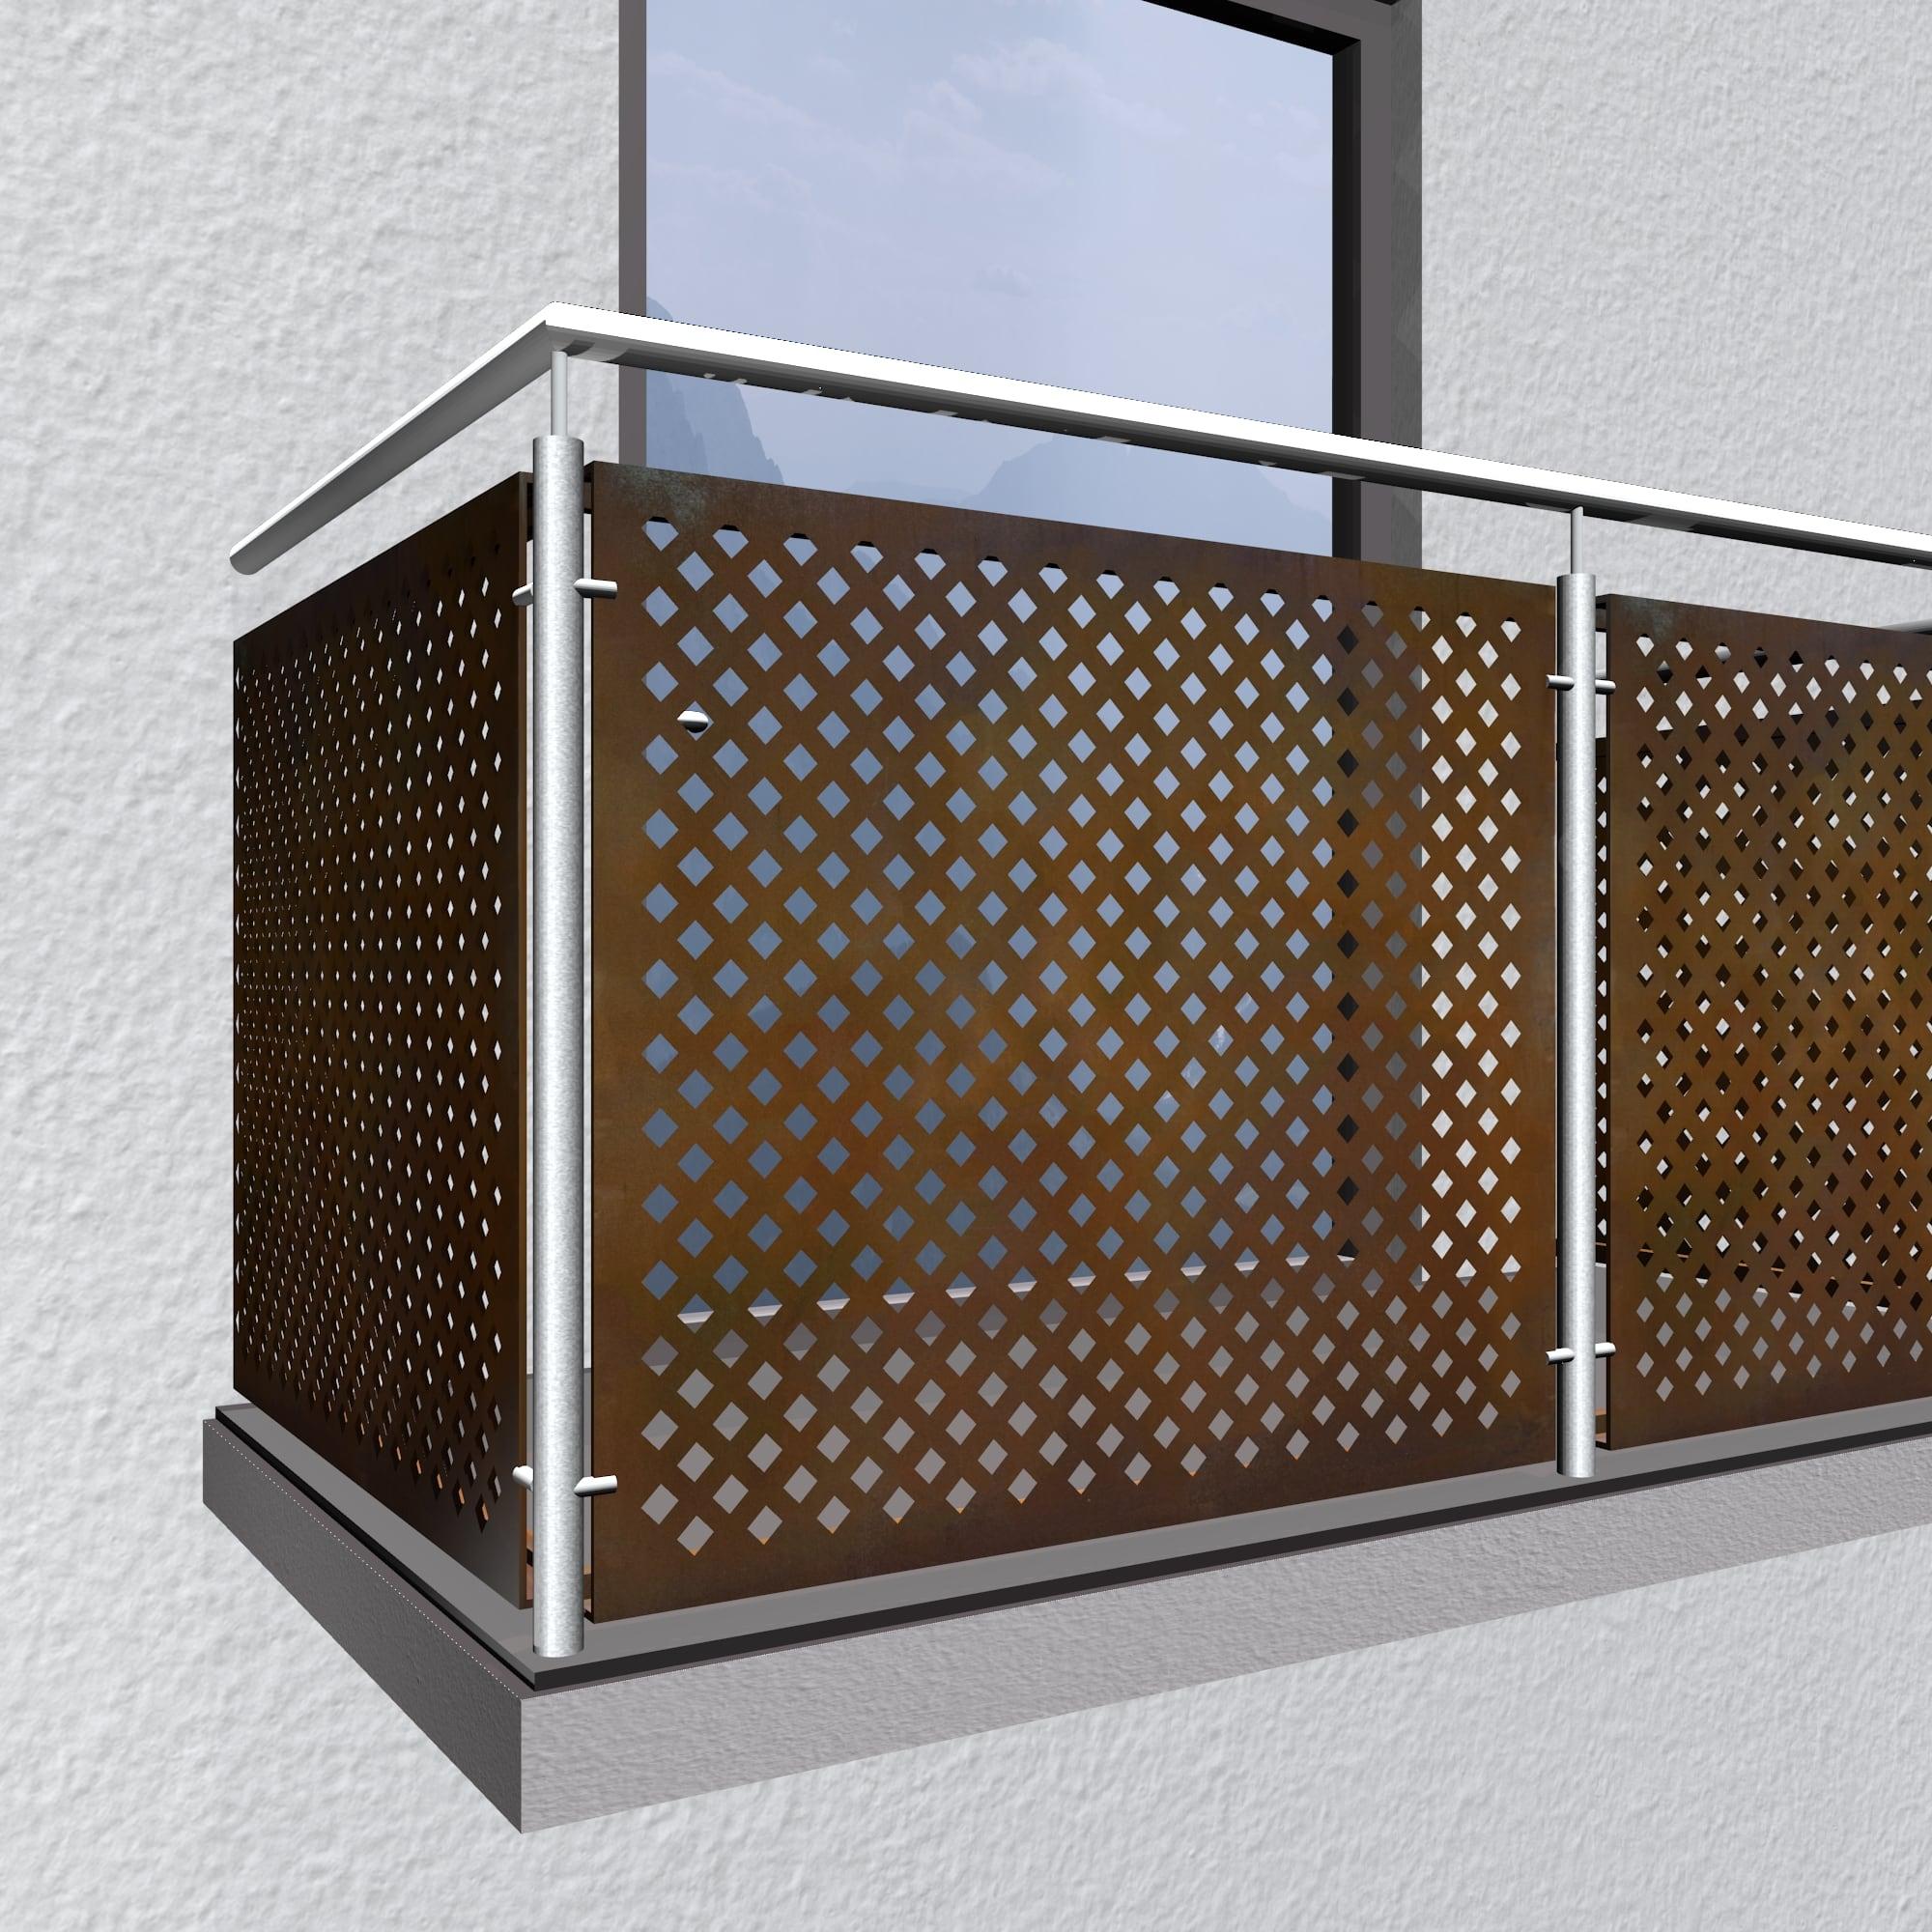 Balkonverkleidung Cortenstahl QL DI VE